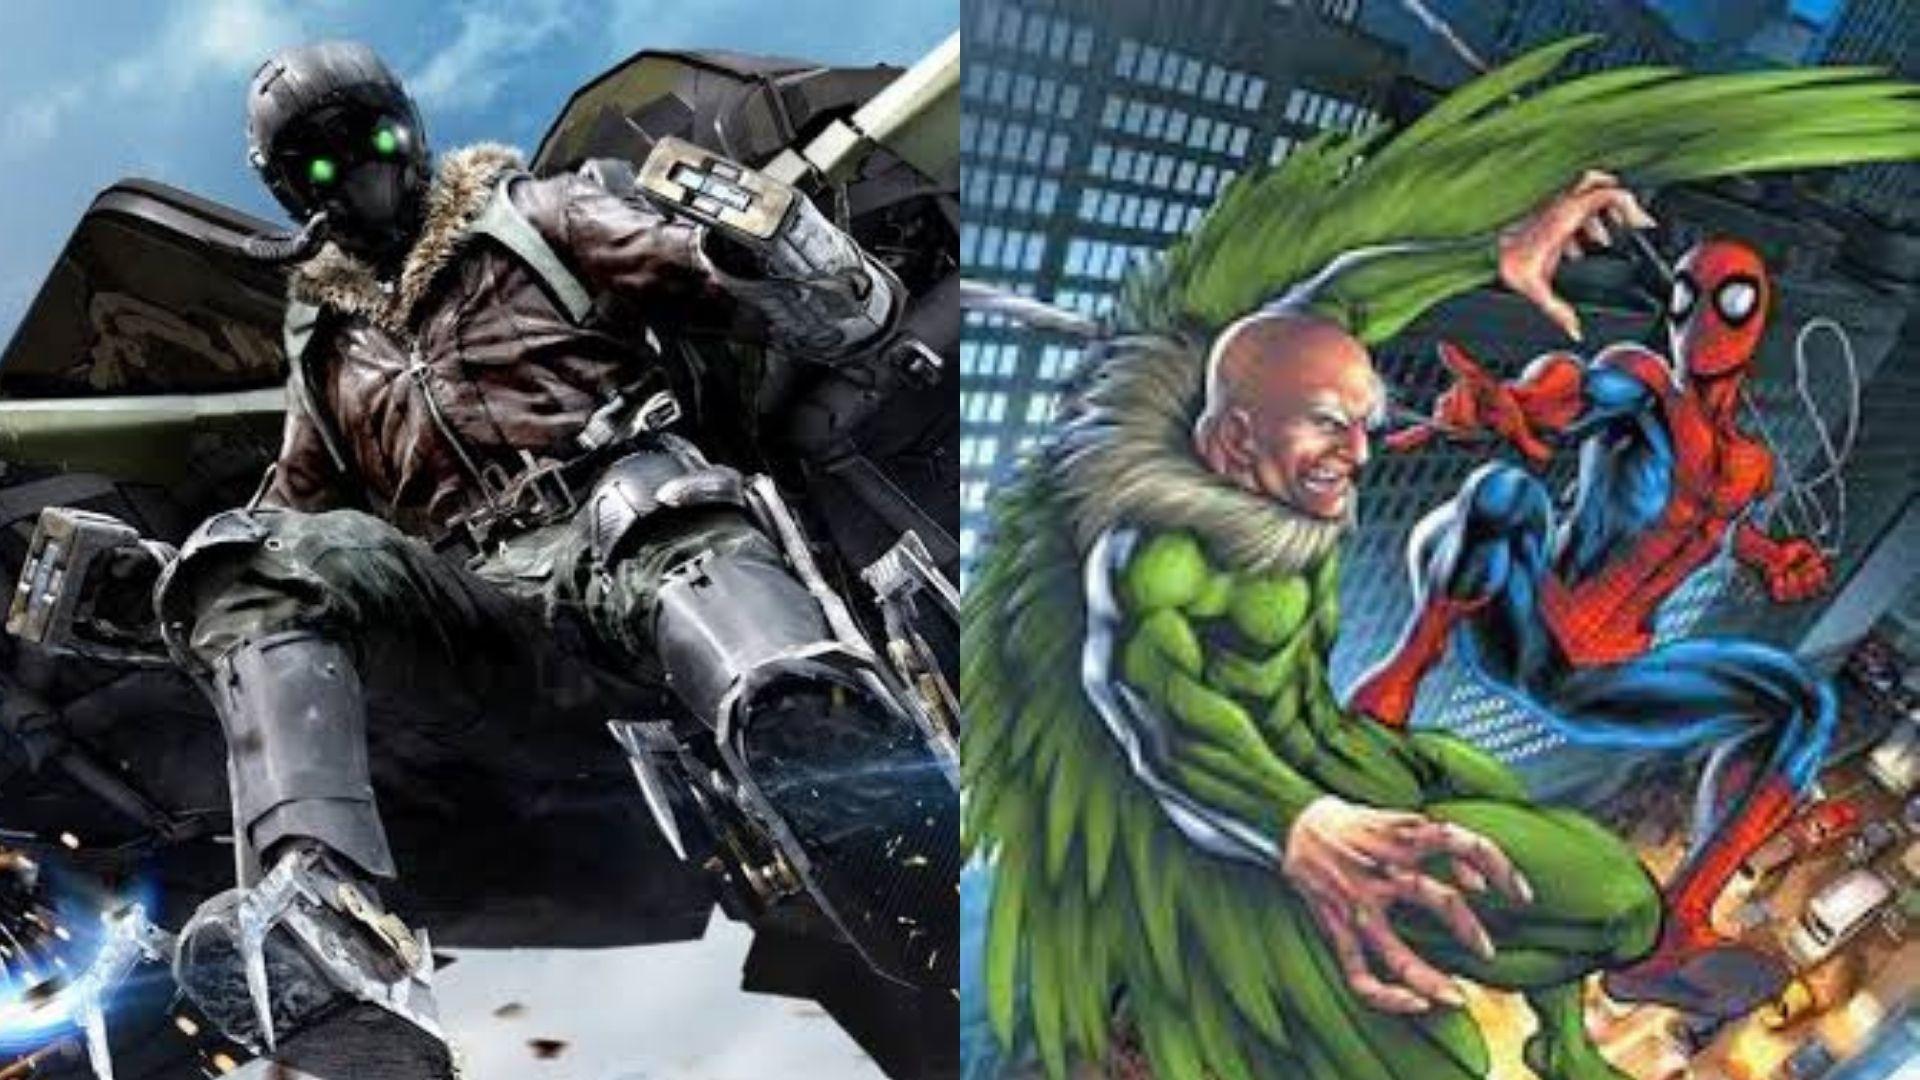 【スパイダーマン】バルチャーの強さ・能力・誕生・活躍について解説!【マーベル原作】